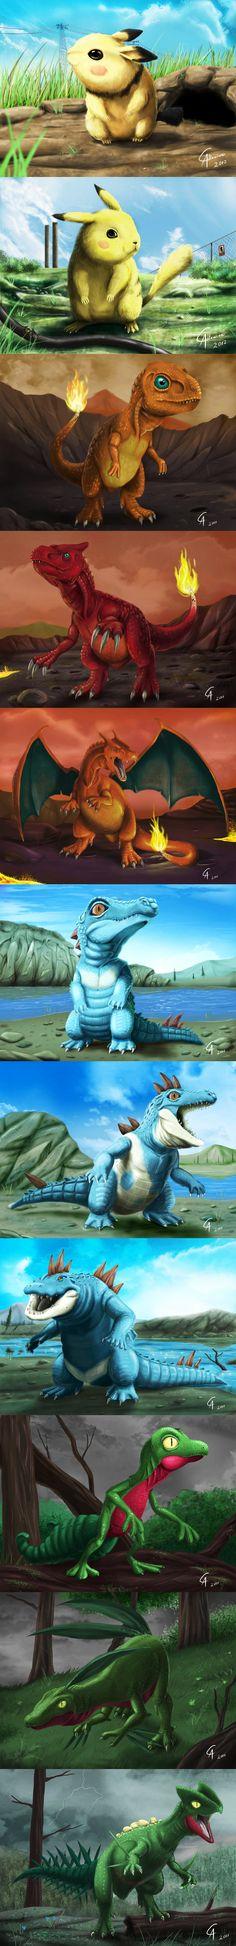 Realistic Pokemon by Camus Altamirano